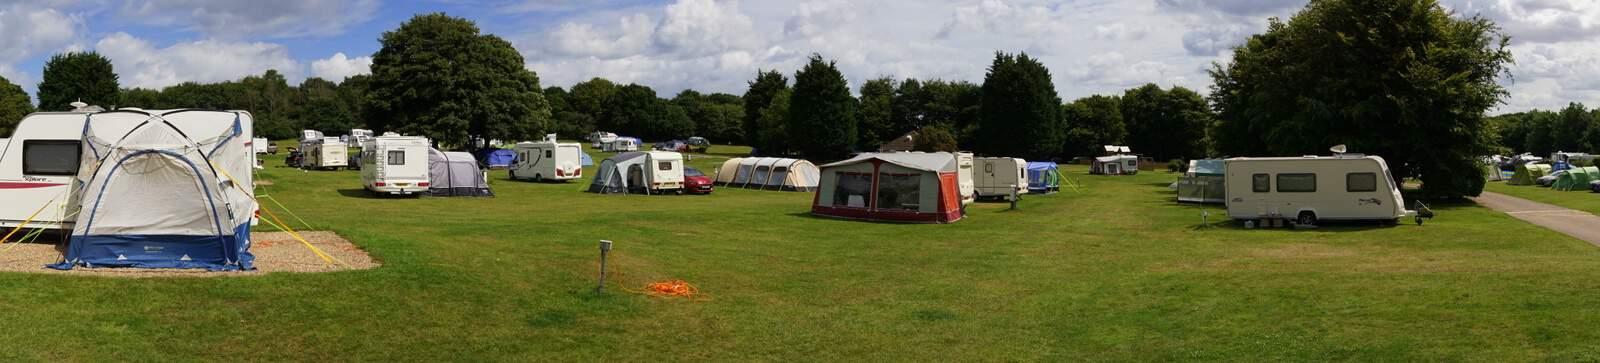 West Runton Camping